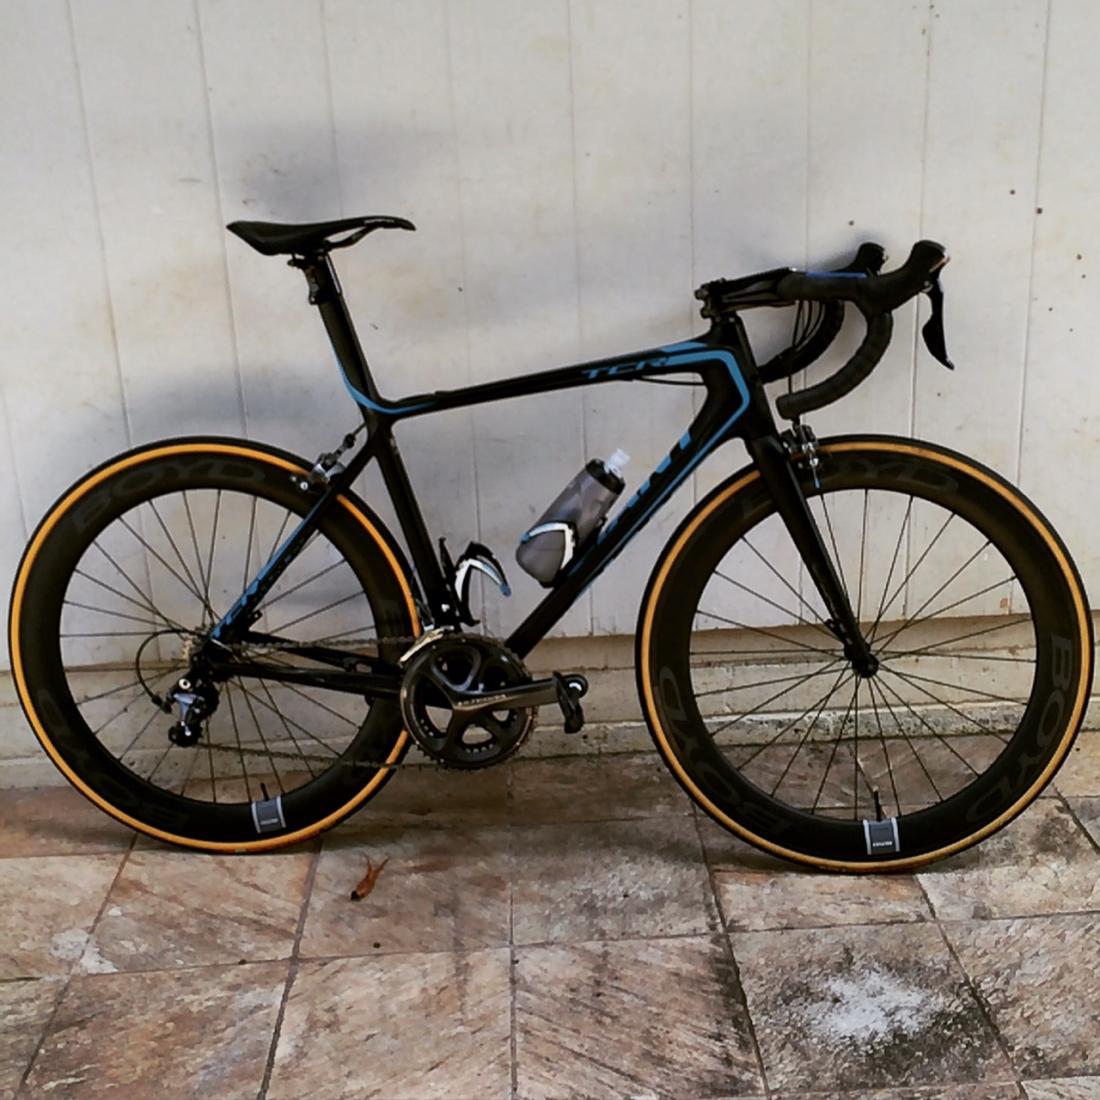 2011 Defy Road Bike 1 Giant